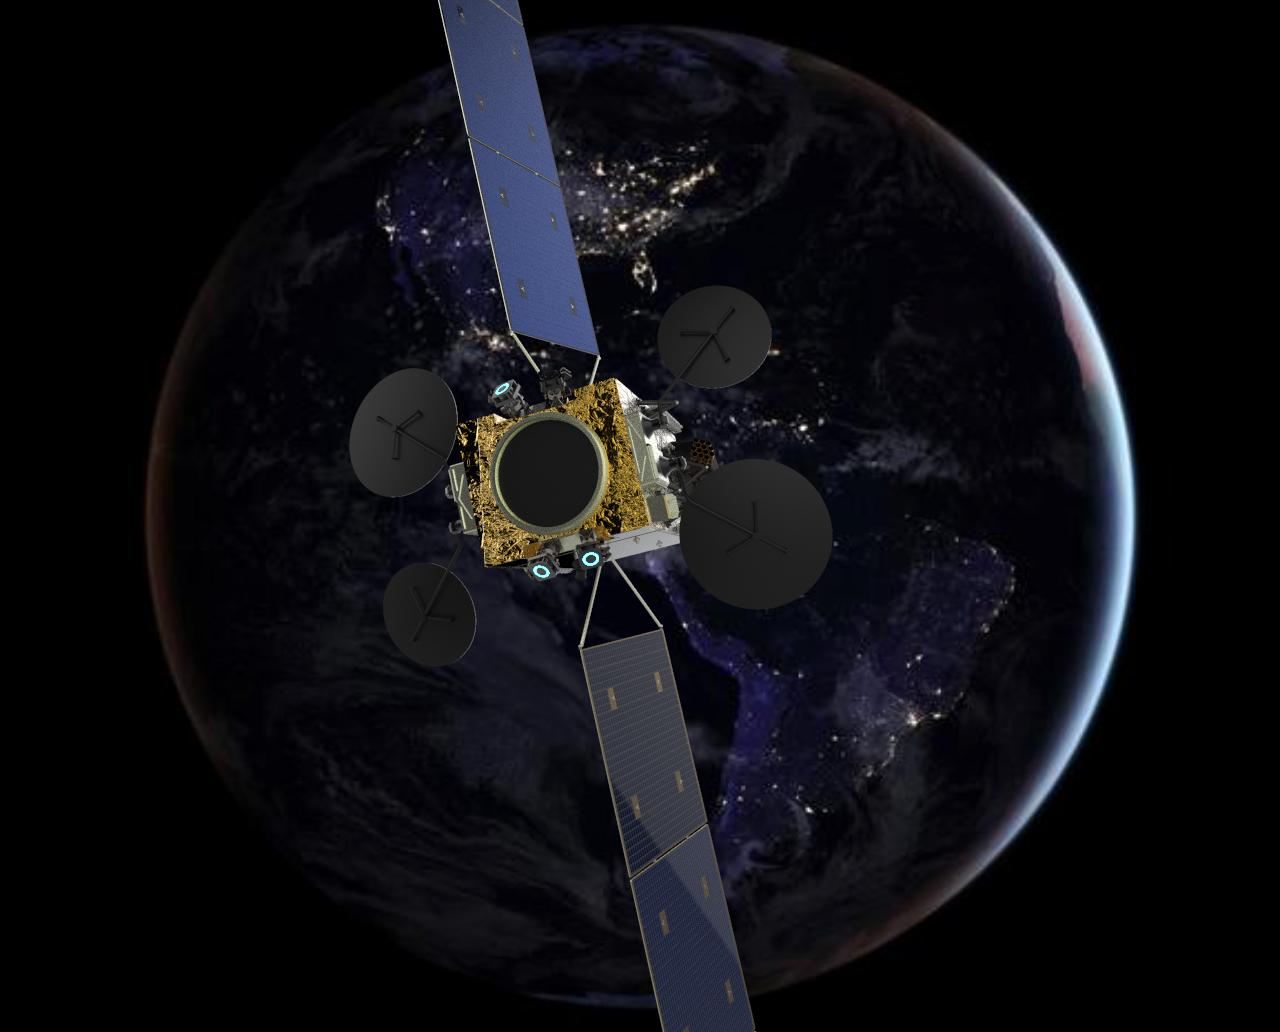 Ilustración del satélite ARSAT SG 1 que orbita en el espacio. Tiene cuatro antenas y dos paneles solares.